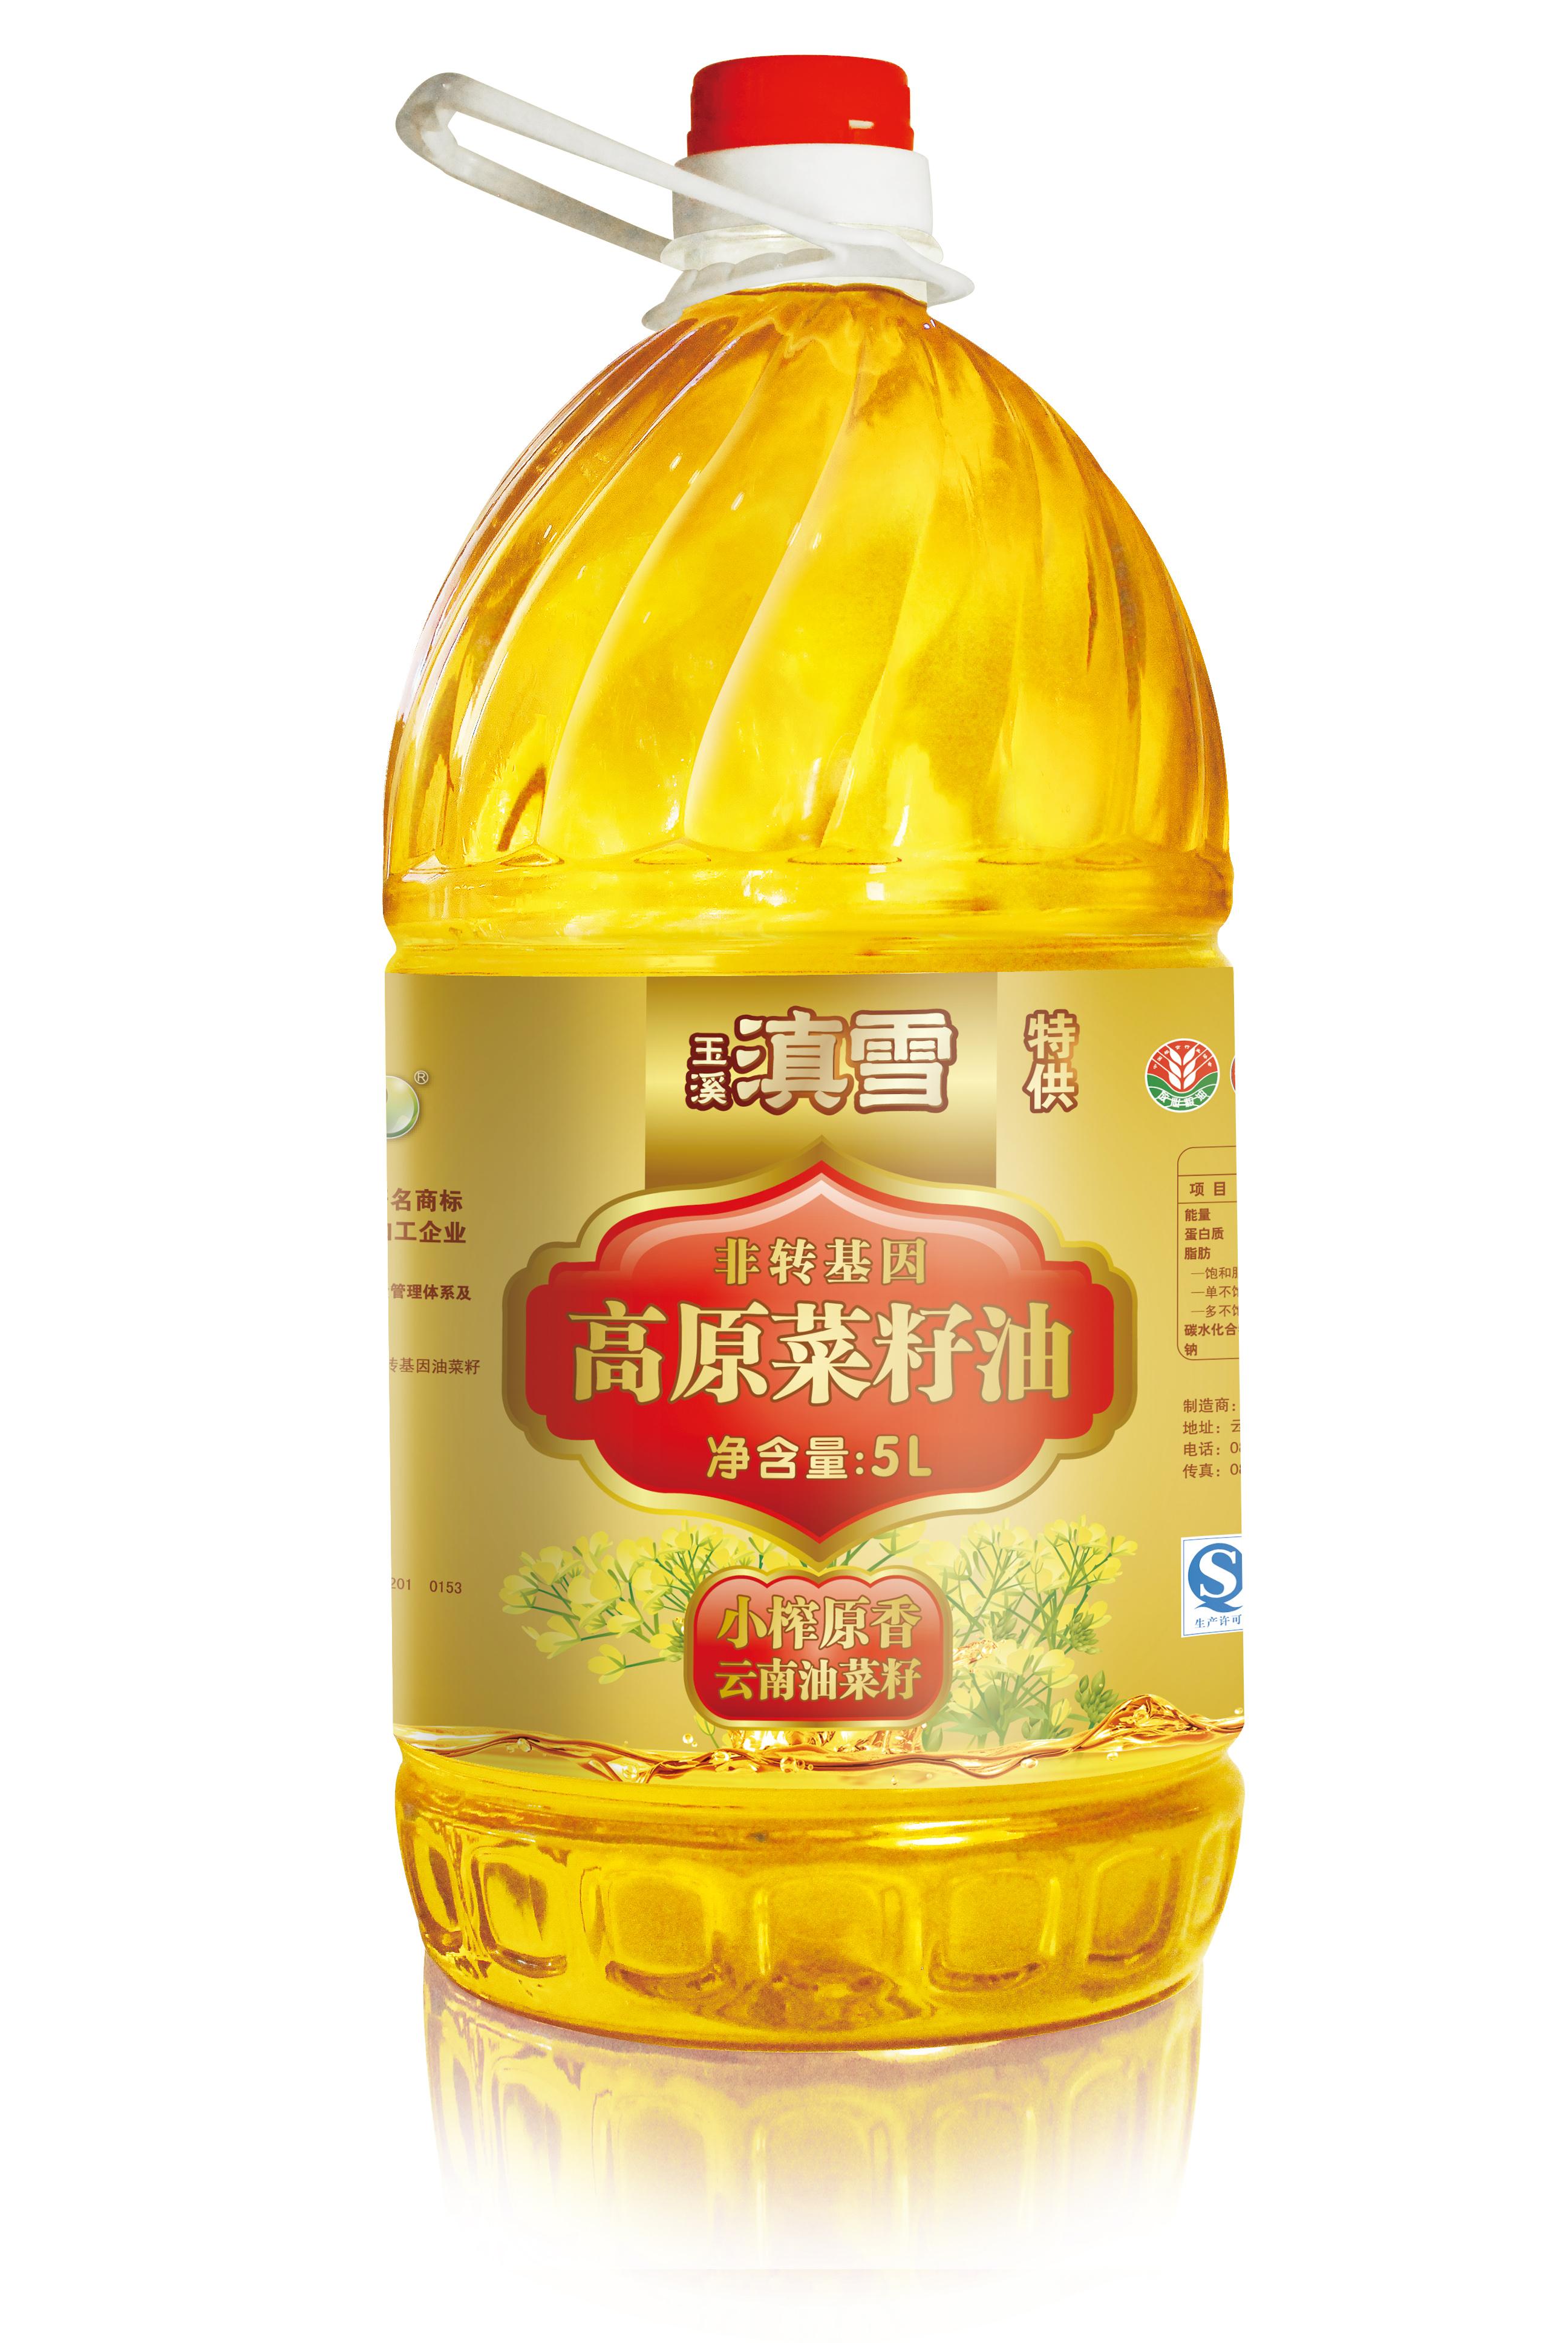 滇雪高原菜籽油-5L.jpg